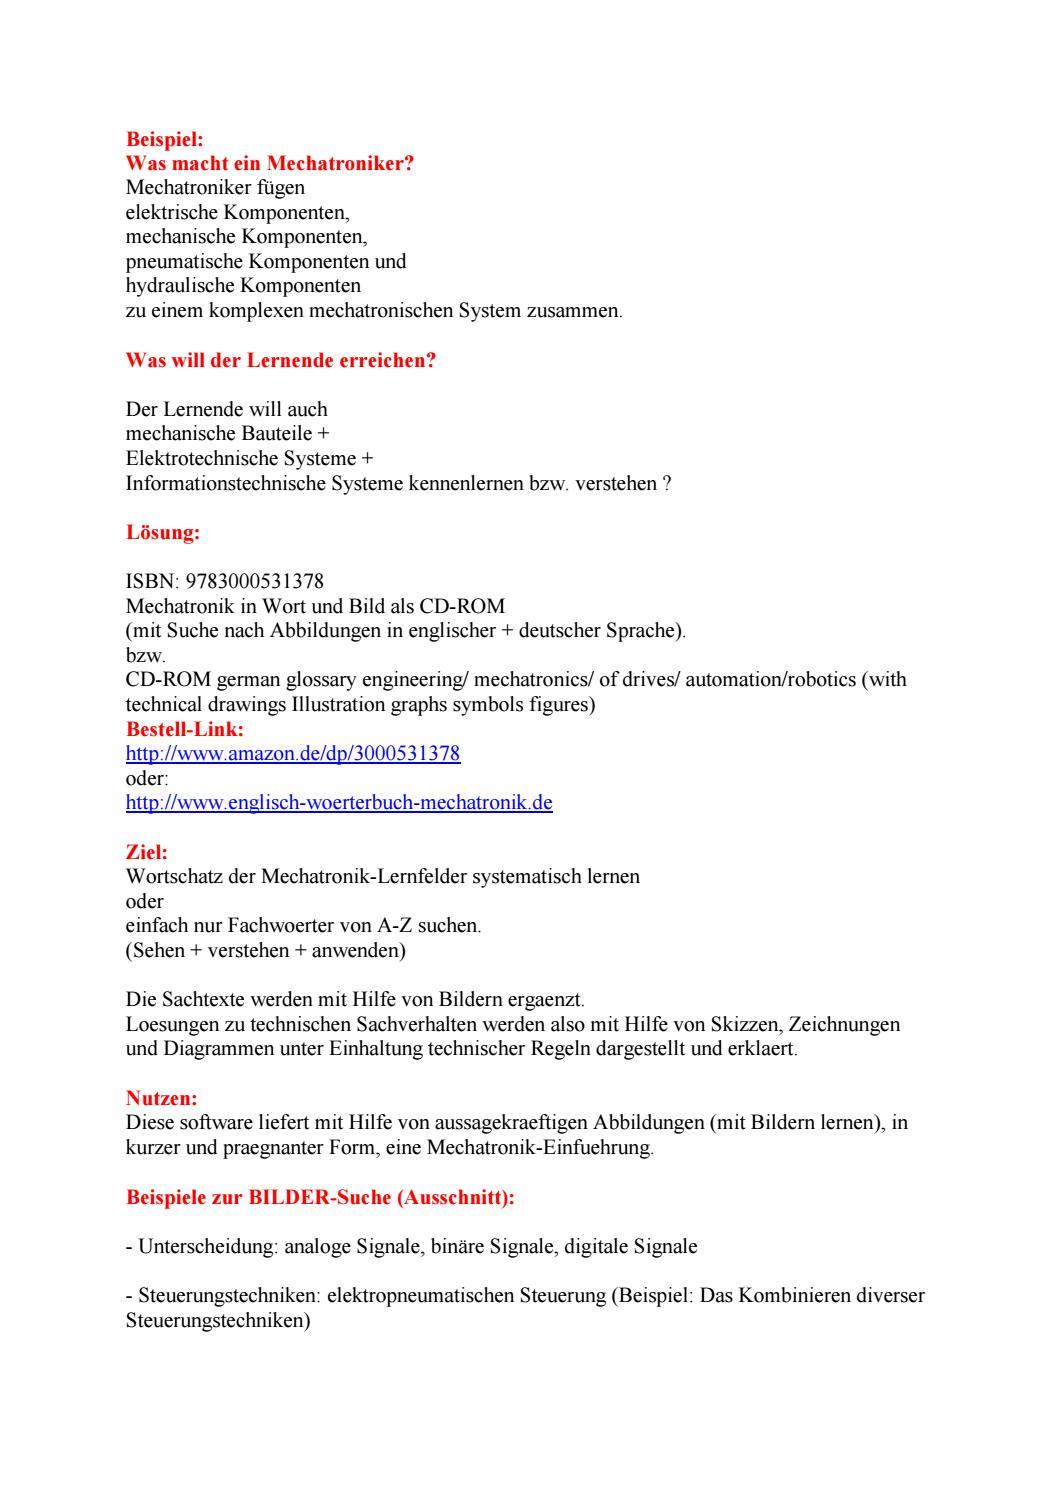 Beste Elektrische Verkabelung Erklärt Fotos - Elektrische Schaltplan ...